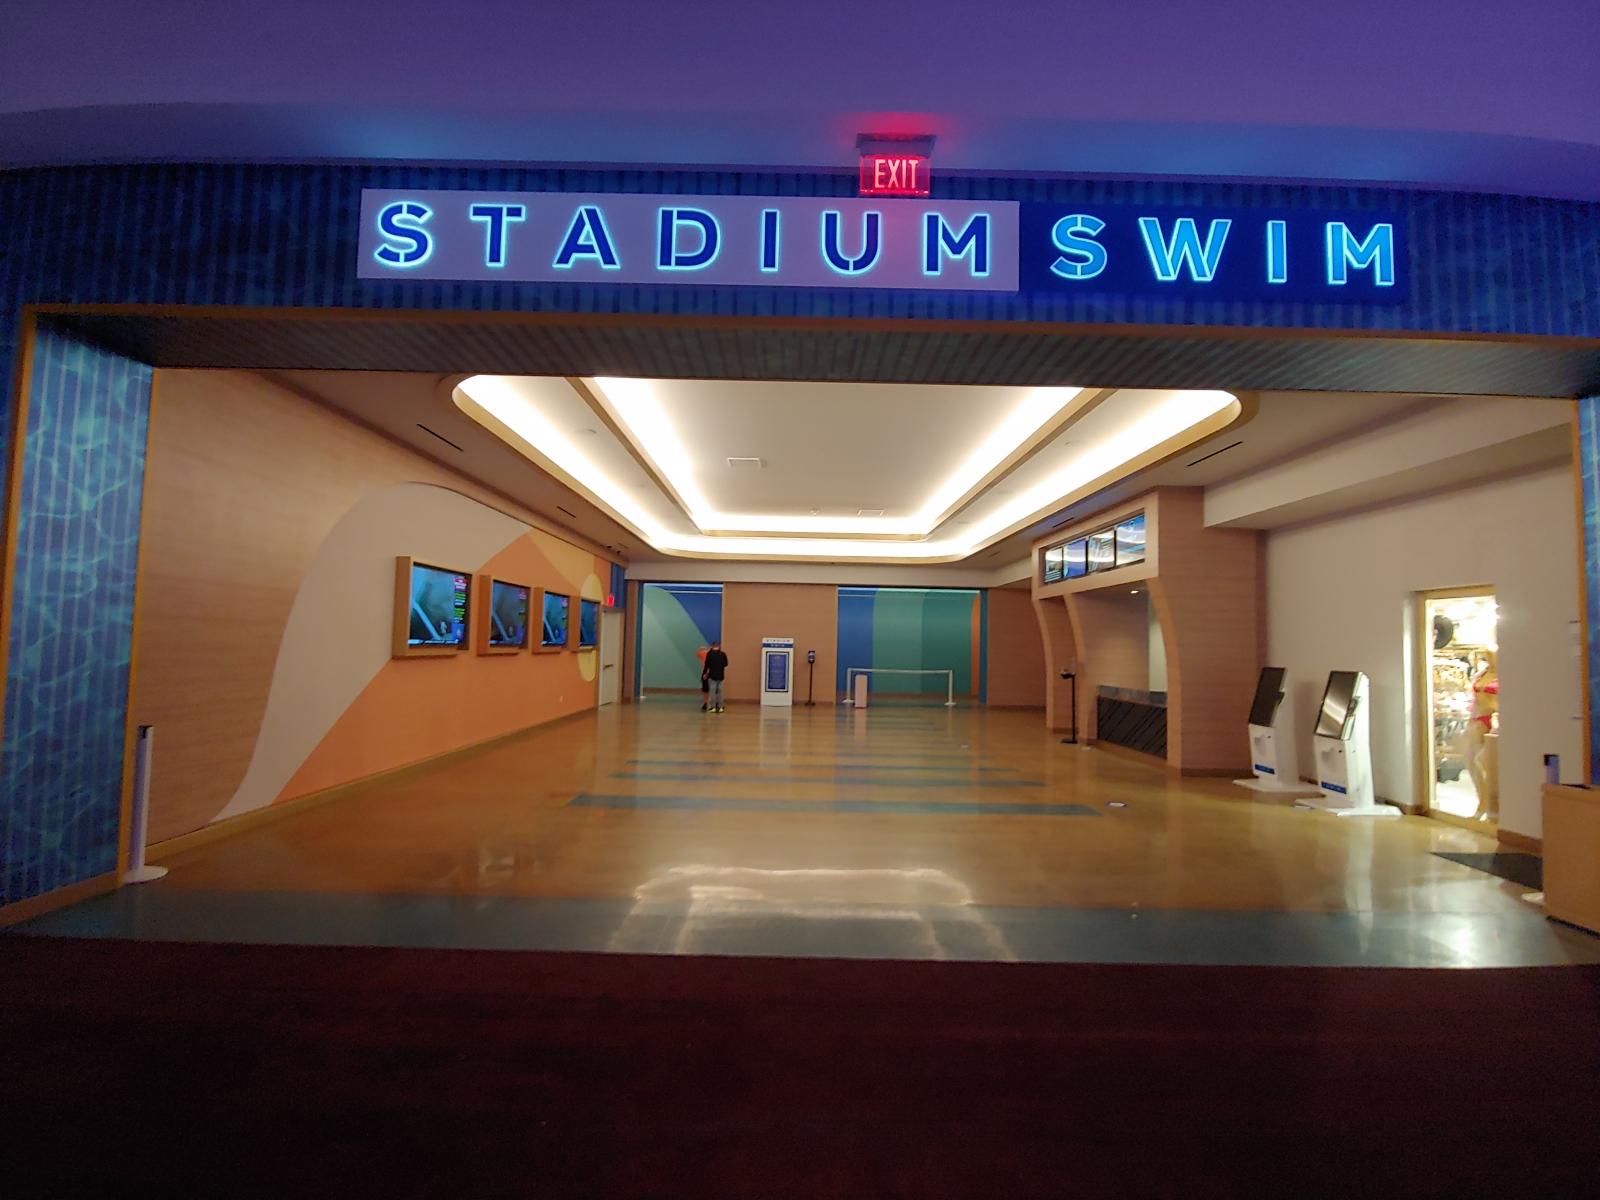 Stadium-Swim-Walkway-20201028